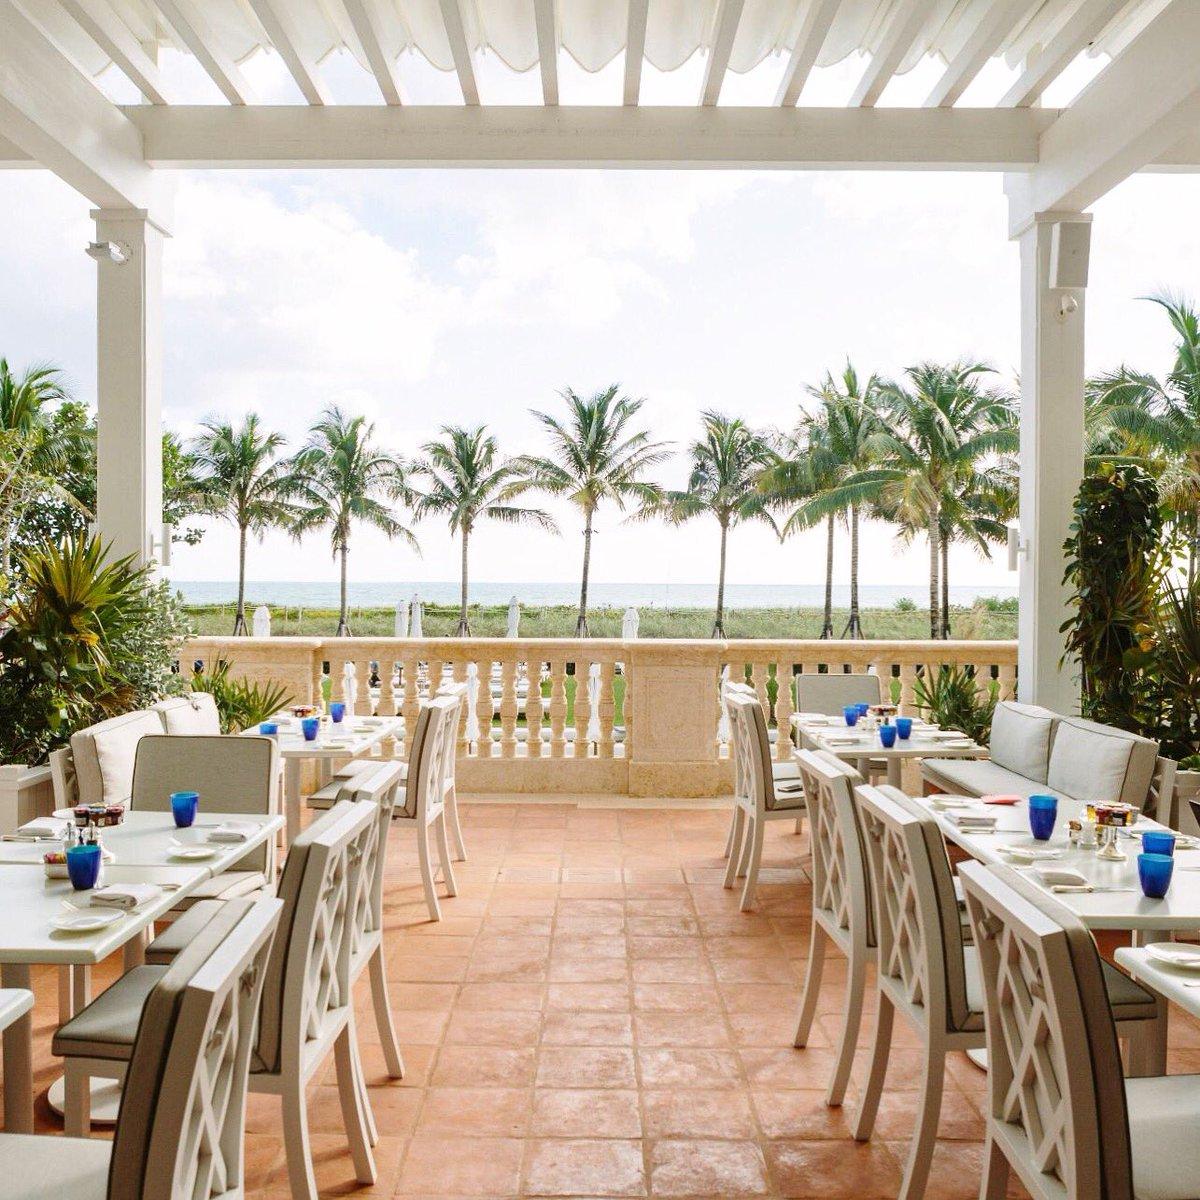 Le Sirenuse Miami On Twitter Our New La Terrazza Menu